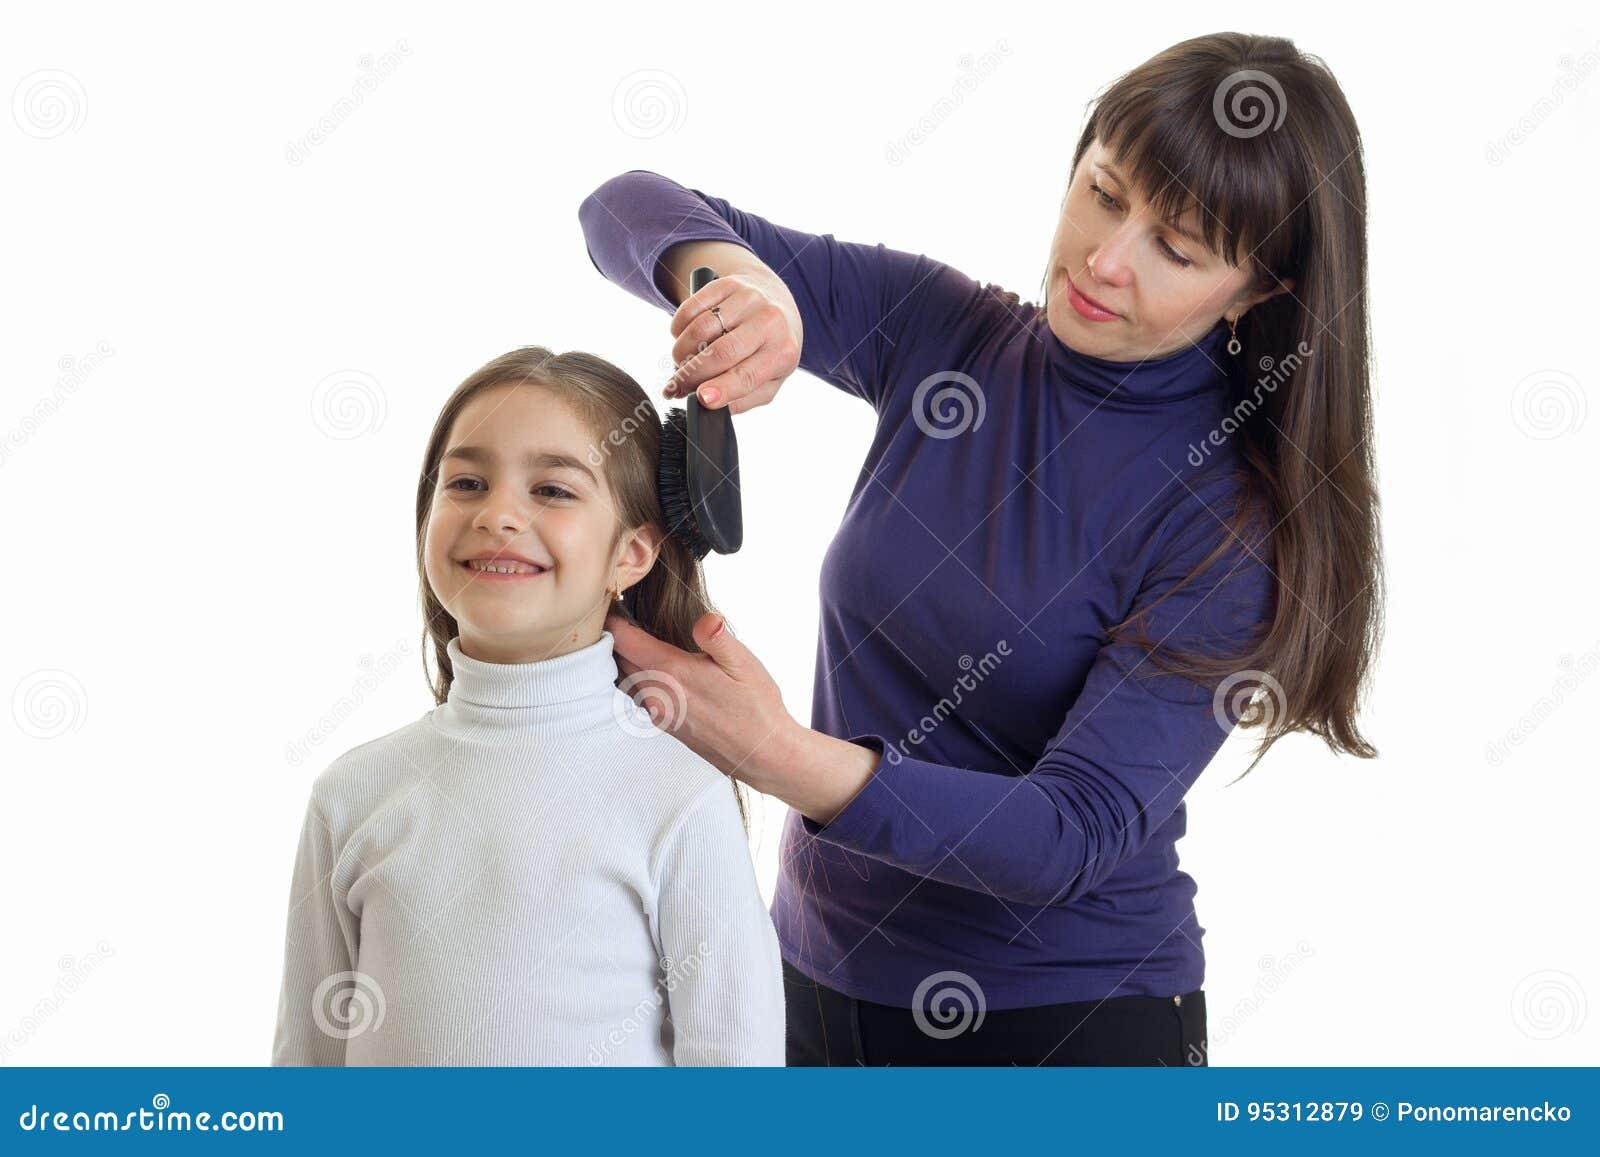 Frauen Friseur Macht Eine Frisur Ein Lächeln Des Kleinen Mädchens